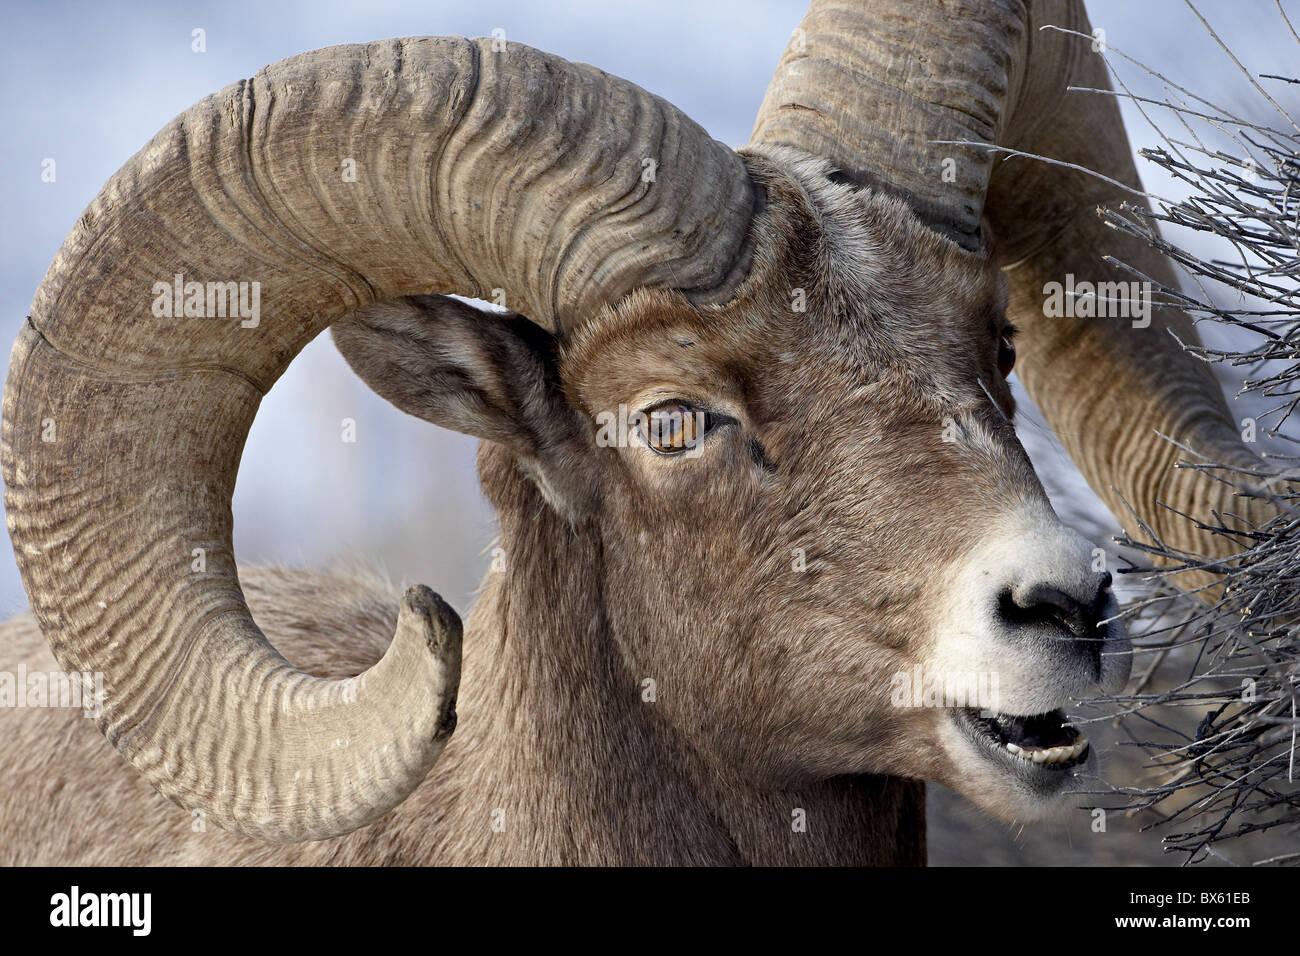 Ö¡ Ram Stock Photos & Ö¡ Ram Stock Images - Alamy